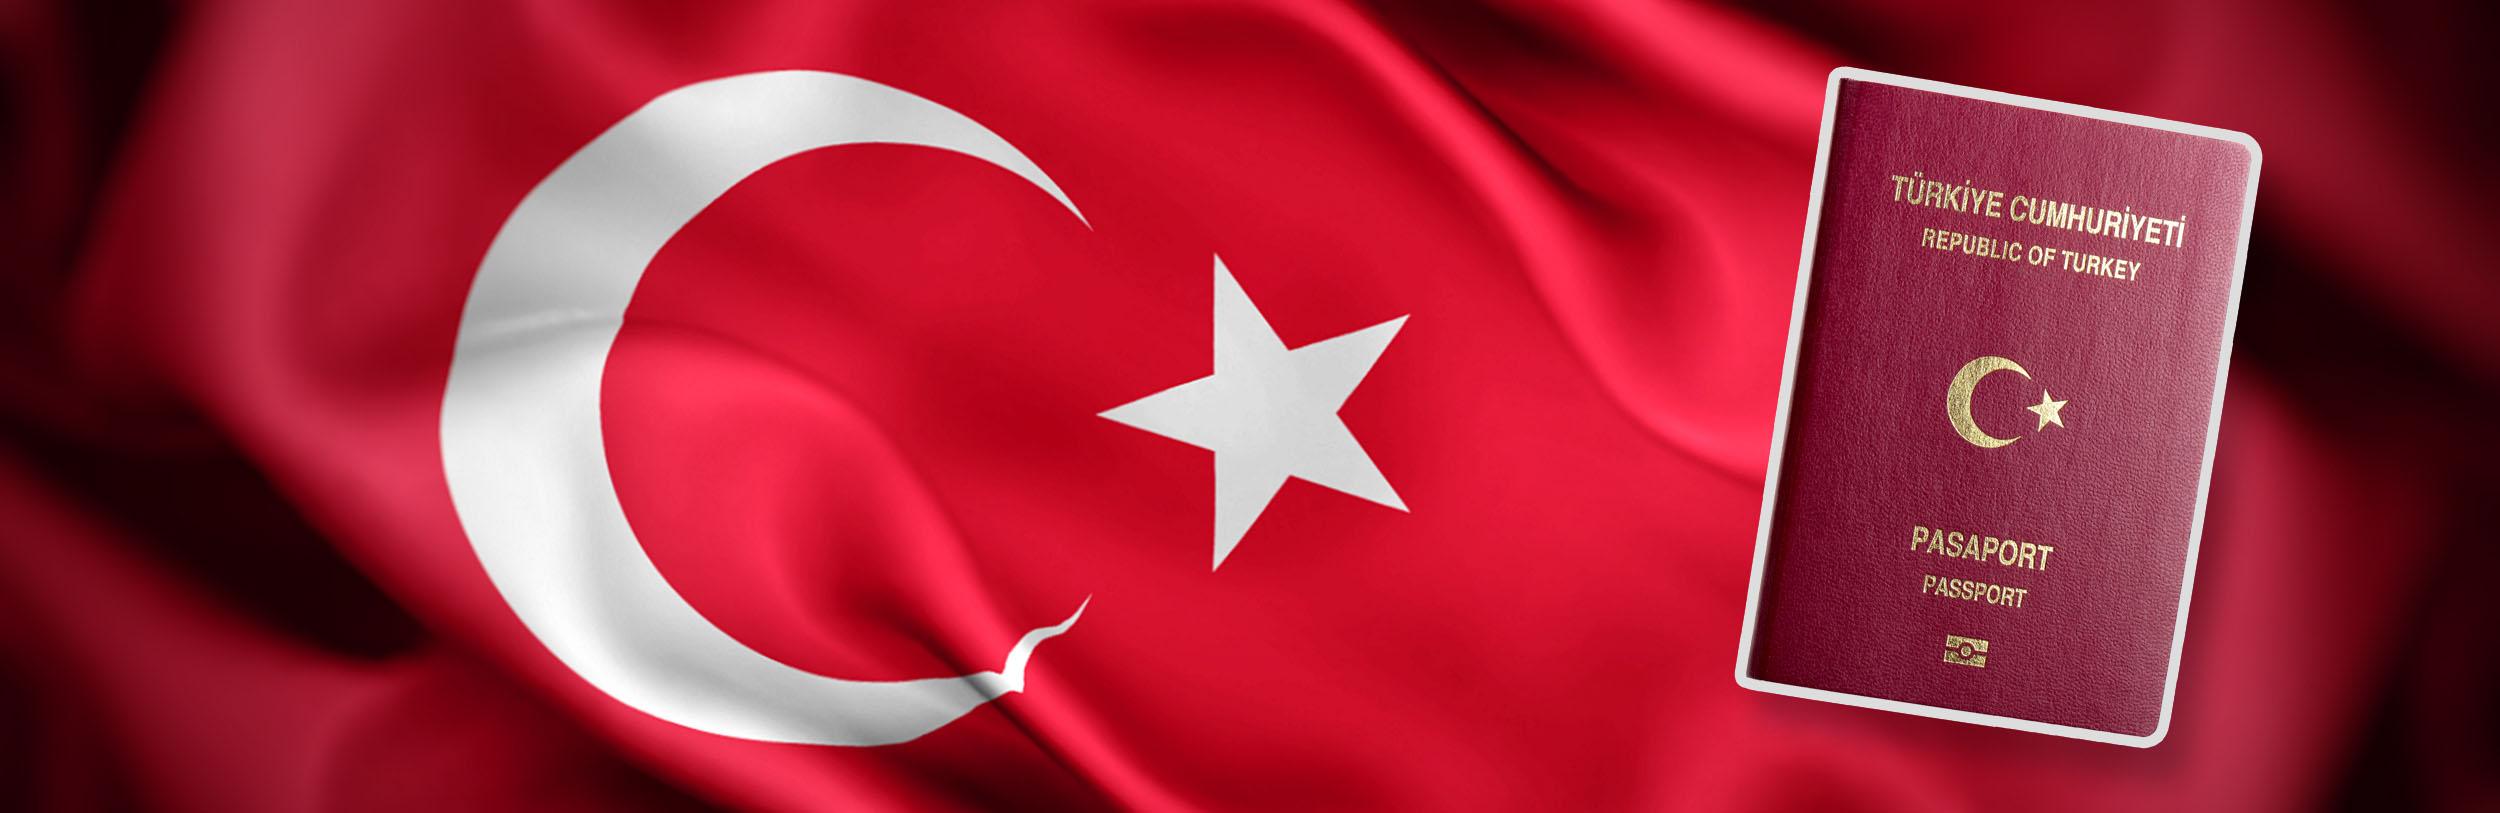 Đầu tư bất động sản nhận quốc tịch Thổ Nhĩ Kỳ Chương trình quốc tịch nhanh, chi phí thấp, điều kiện dễ dàng nhất (banner)